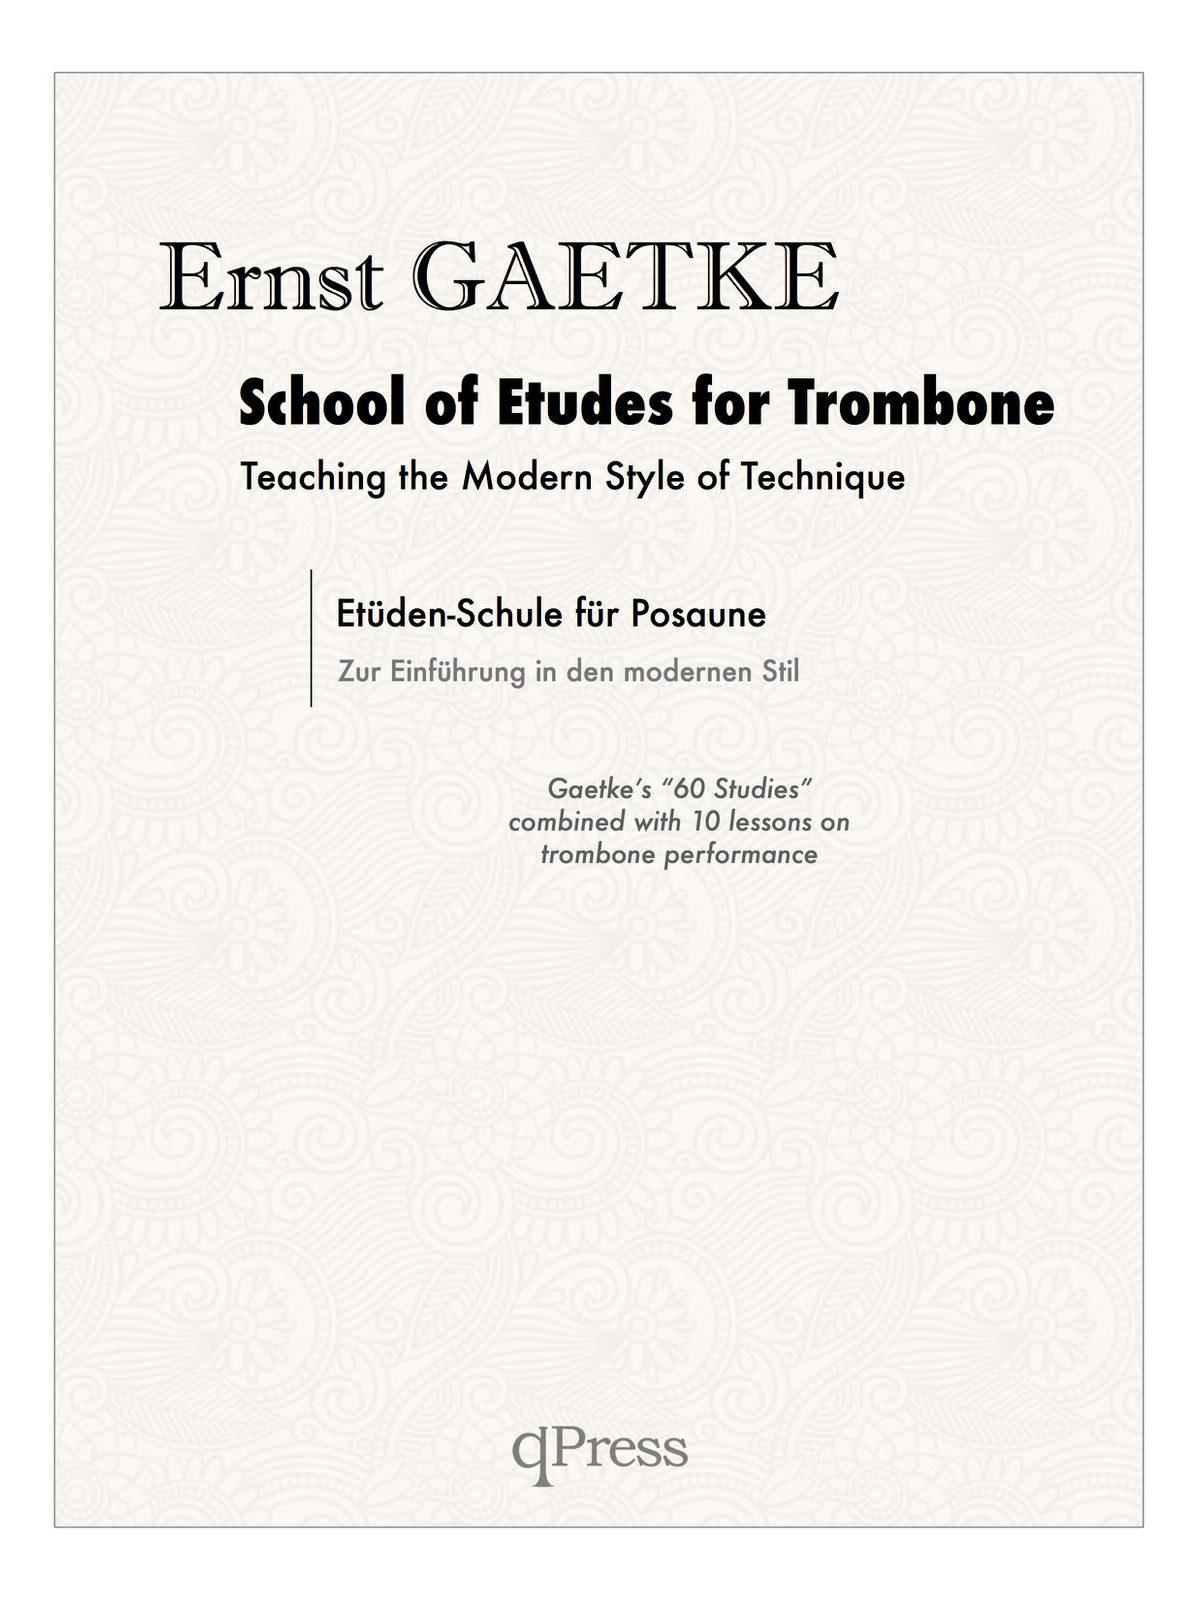 gaetke-school-of-etudes-for-trombone